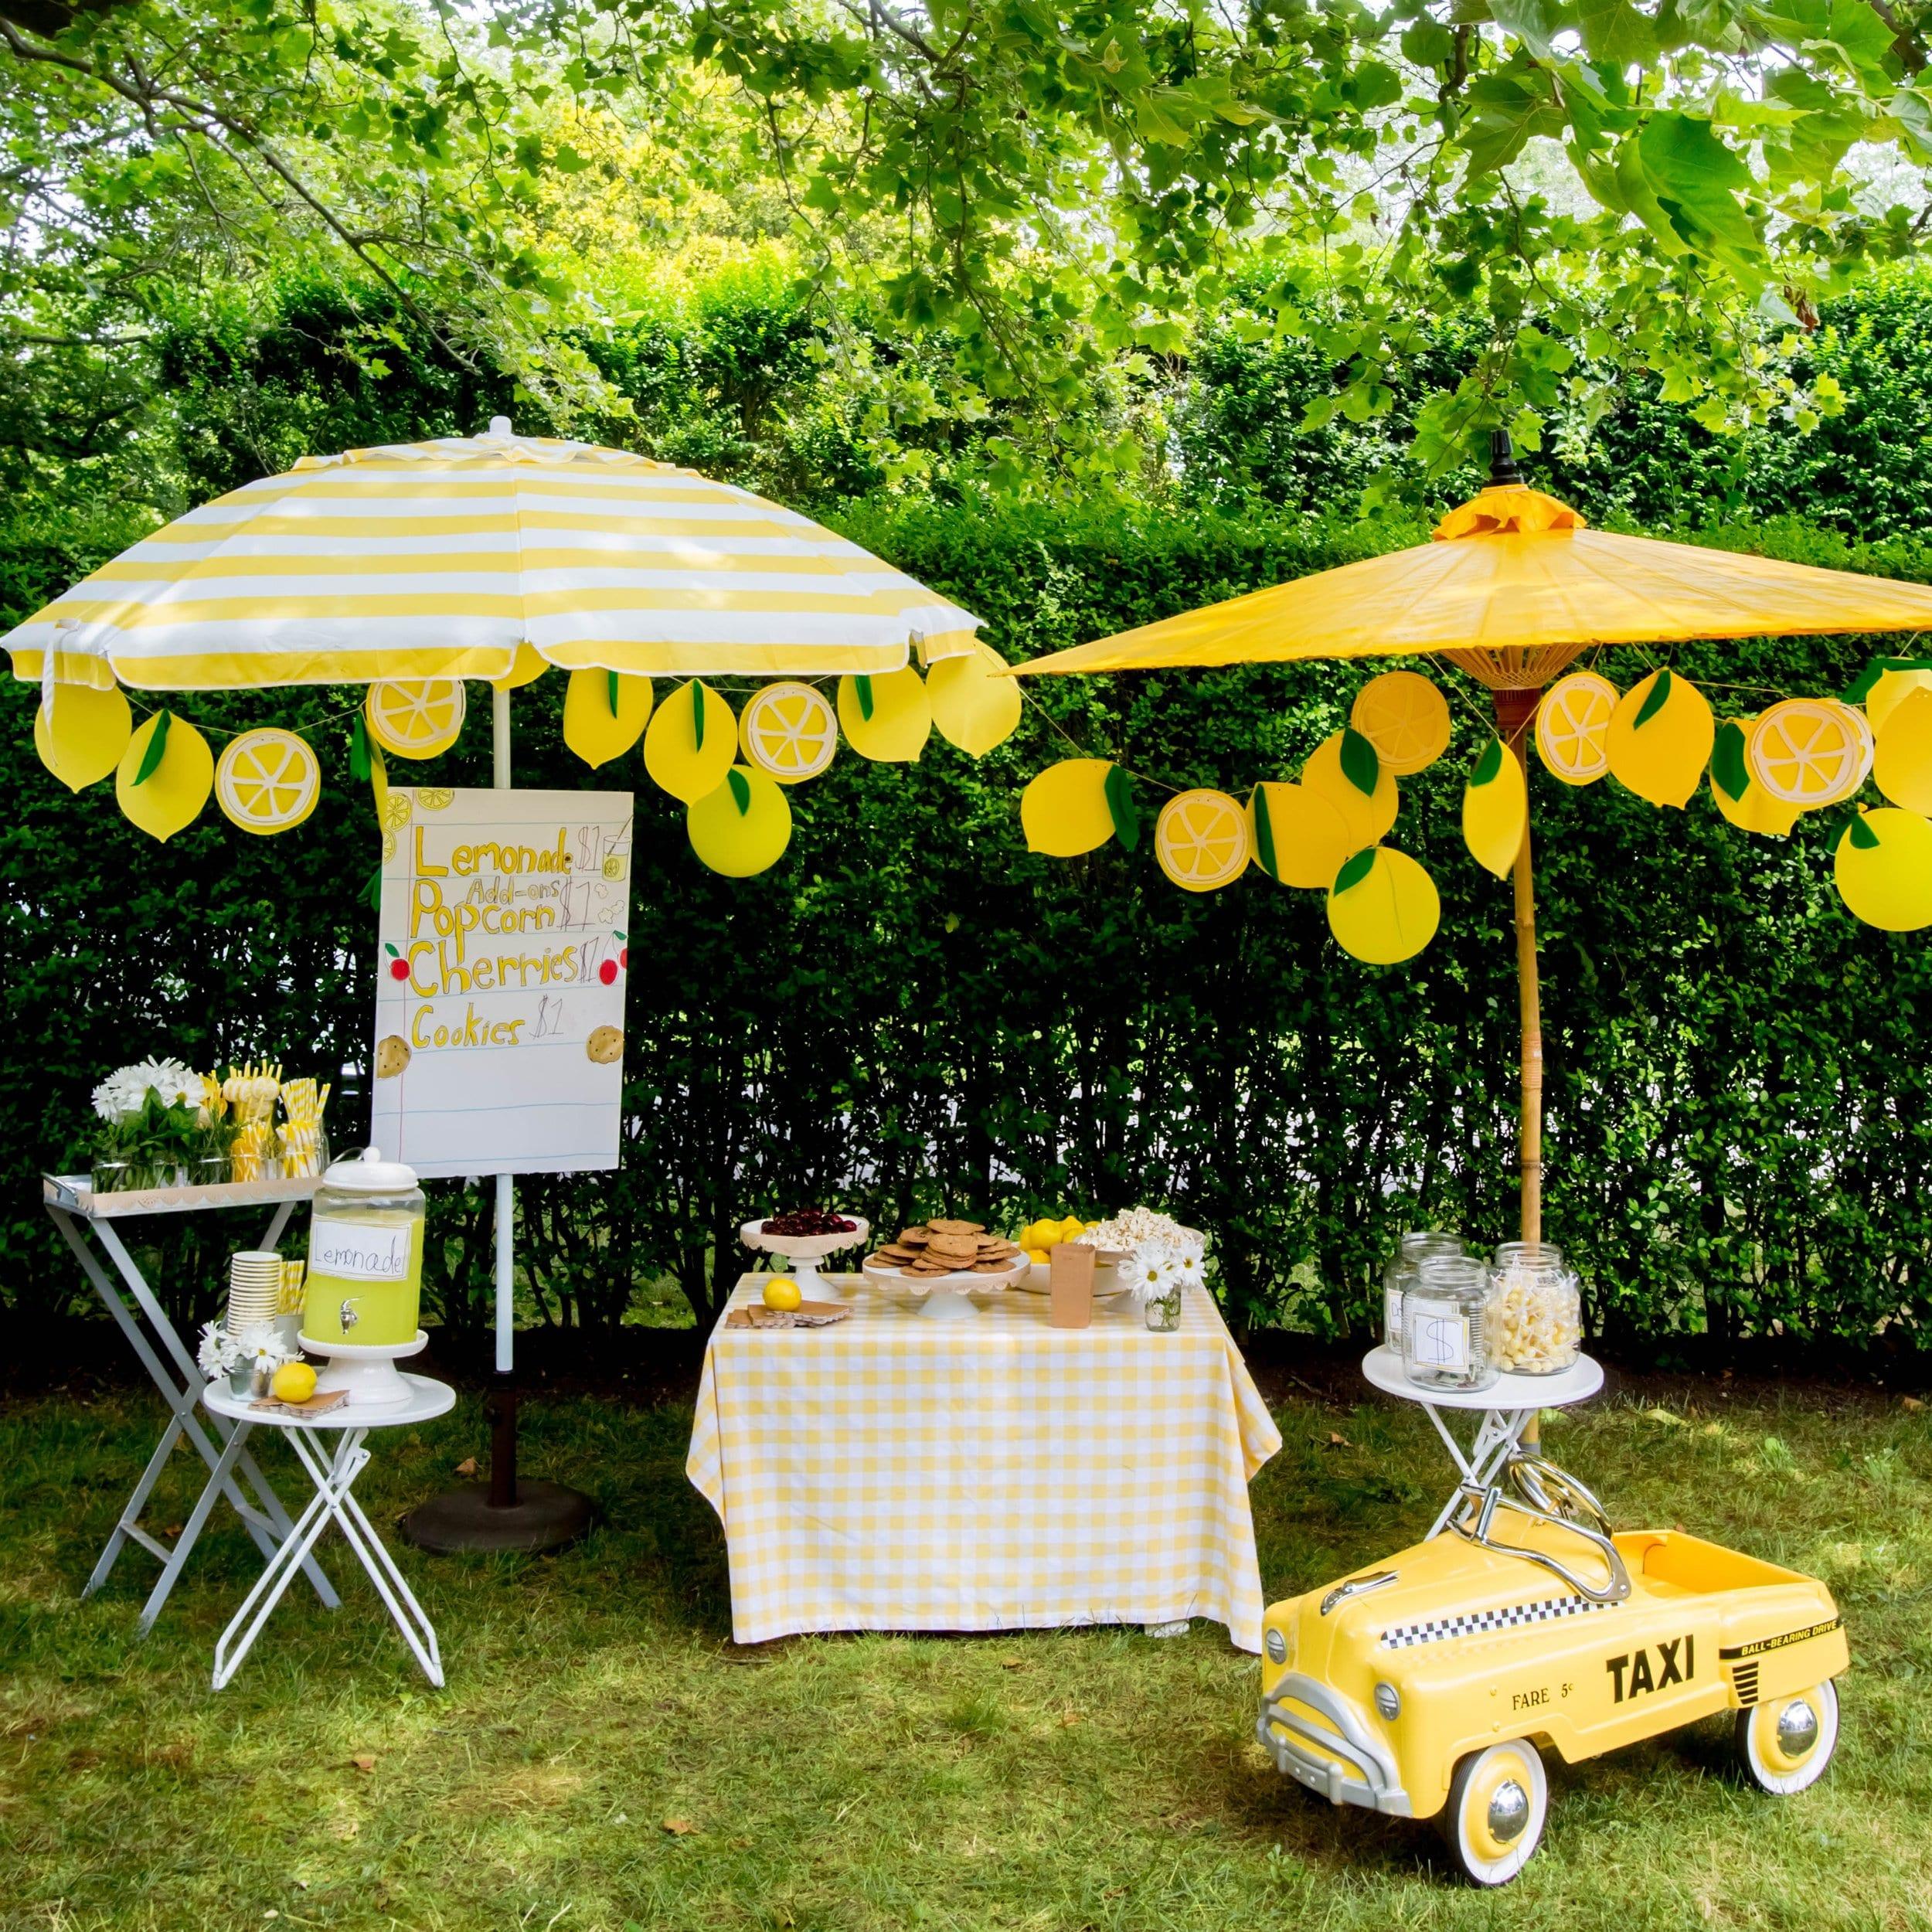 Lovely lemonade stand darcy miller designs for Lemon shaped lemonade stand